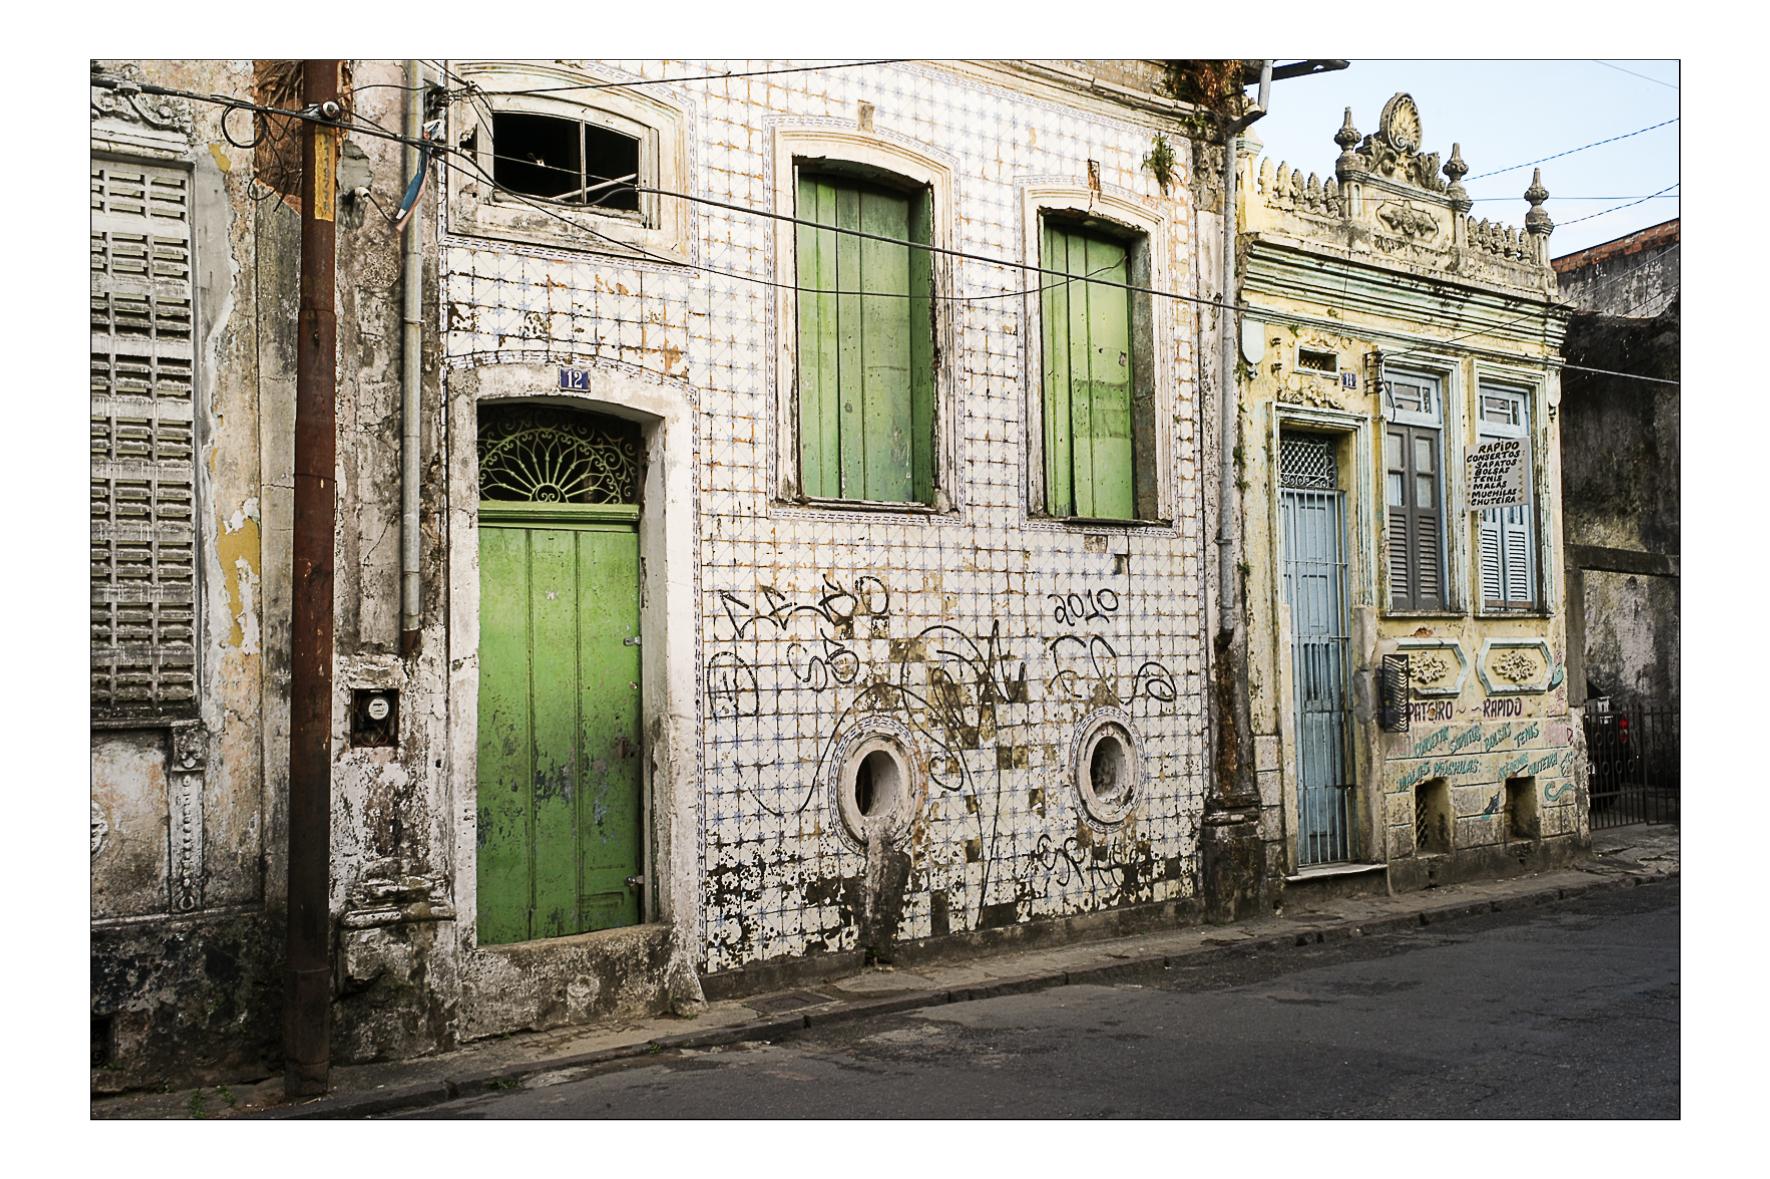 Salvador de Bahia, 2007